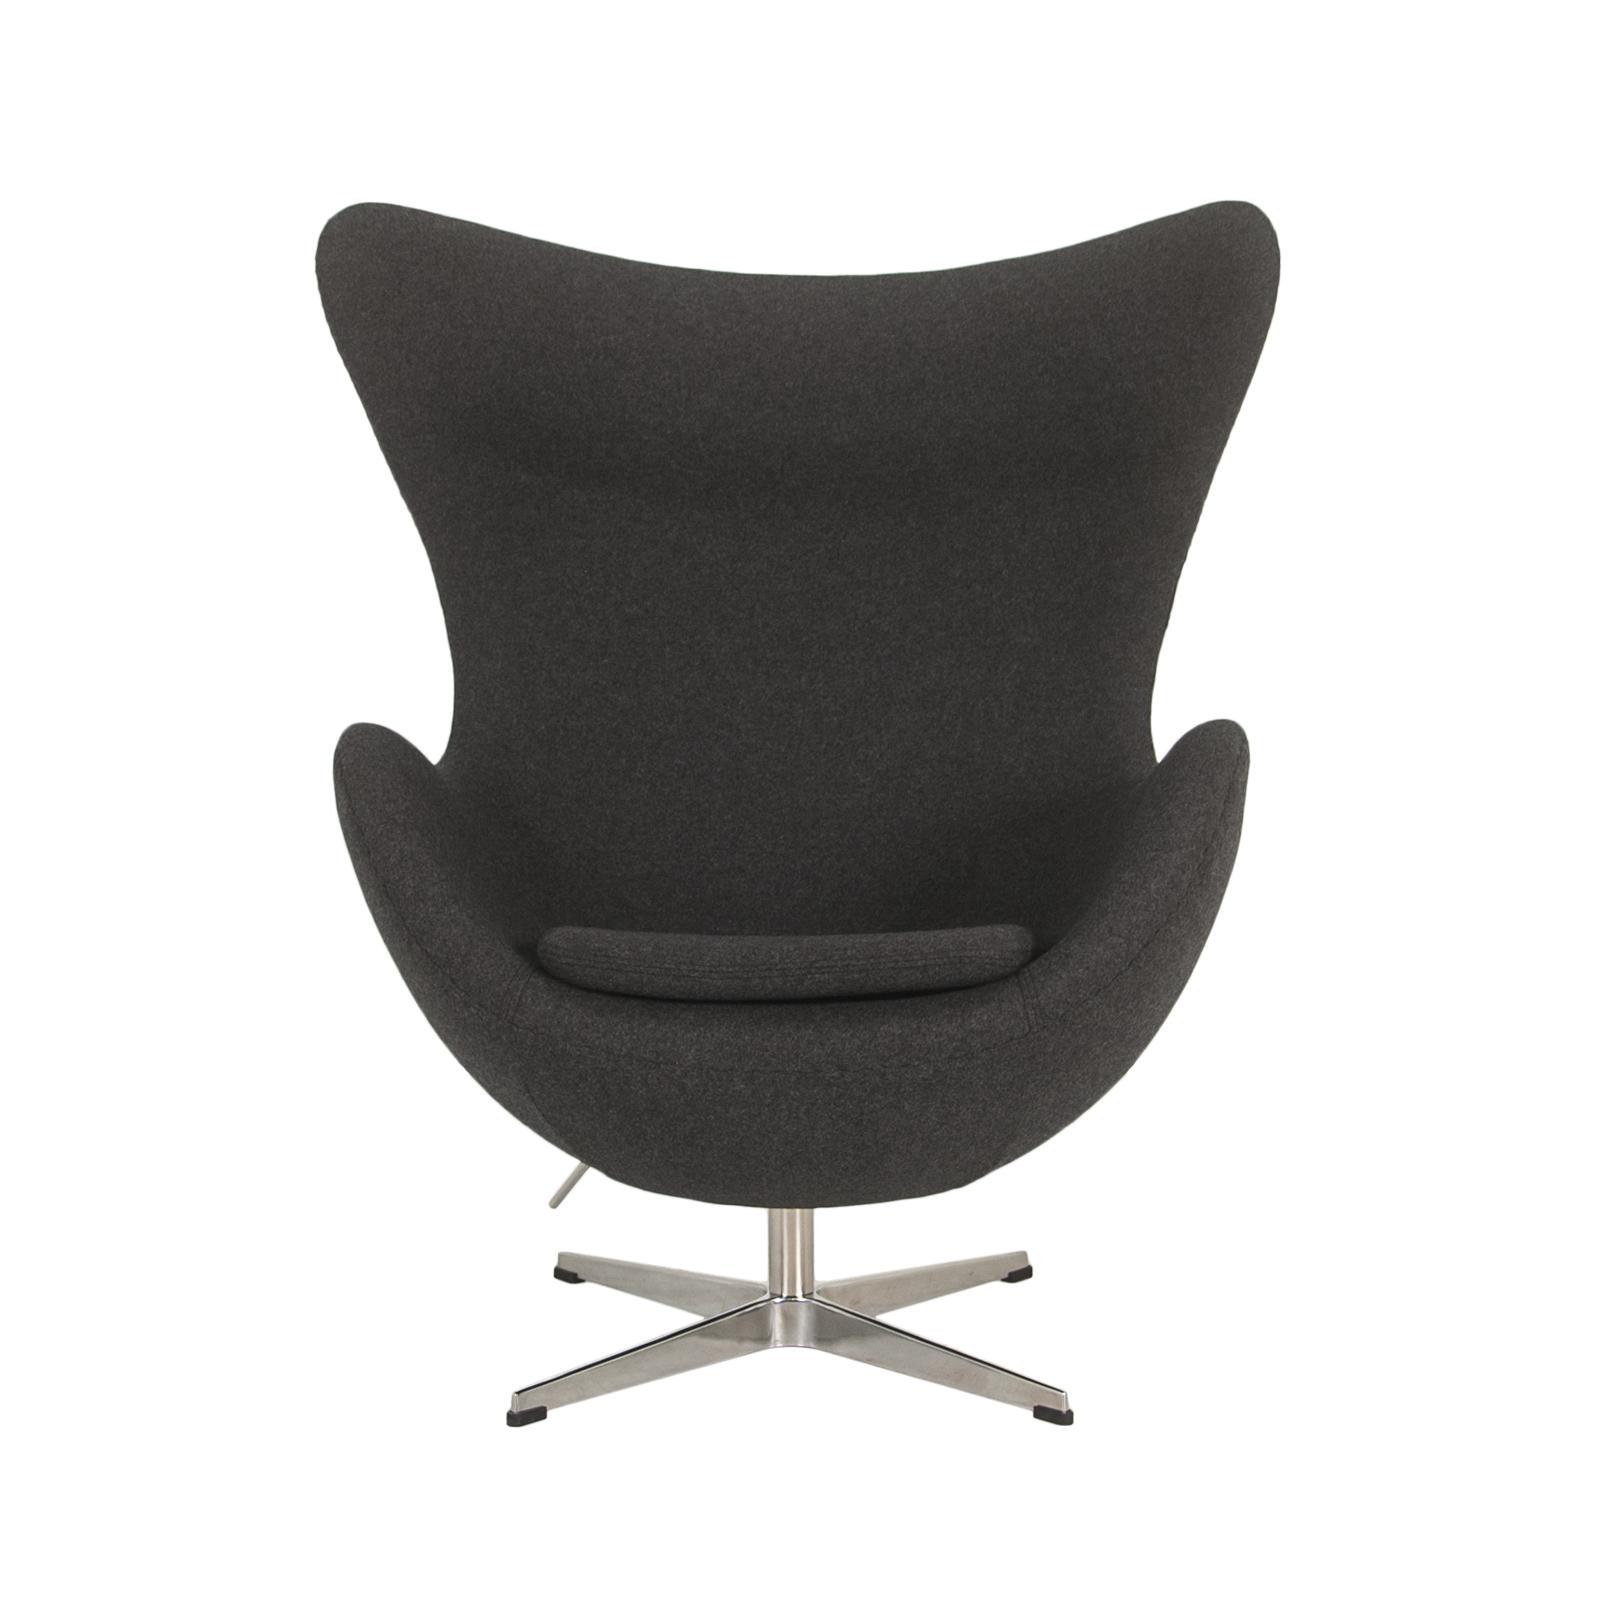 egg chair rentals arne jacobsen rentals delivery formdecor. Black Bedroom Furniture Sets. Home Design Ideas